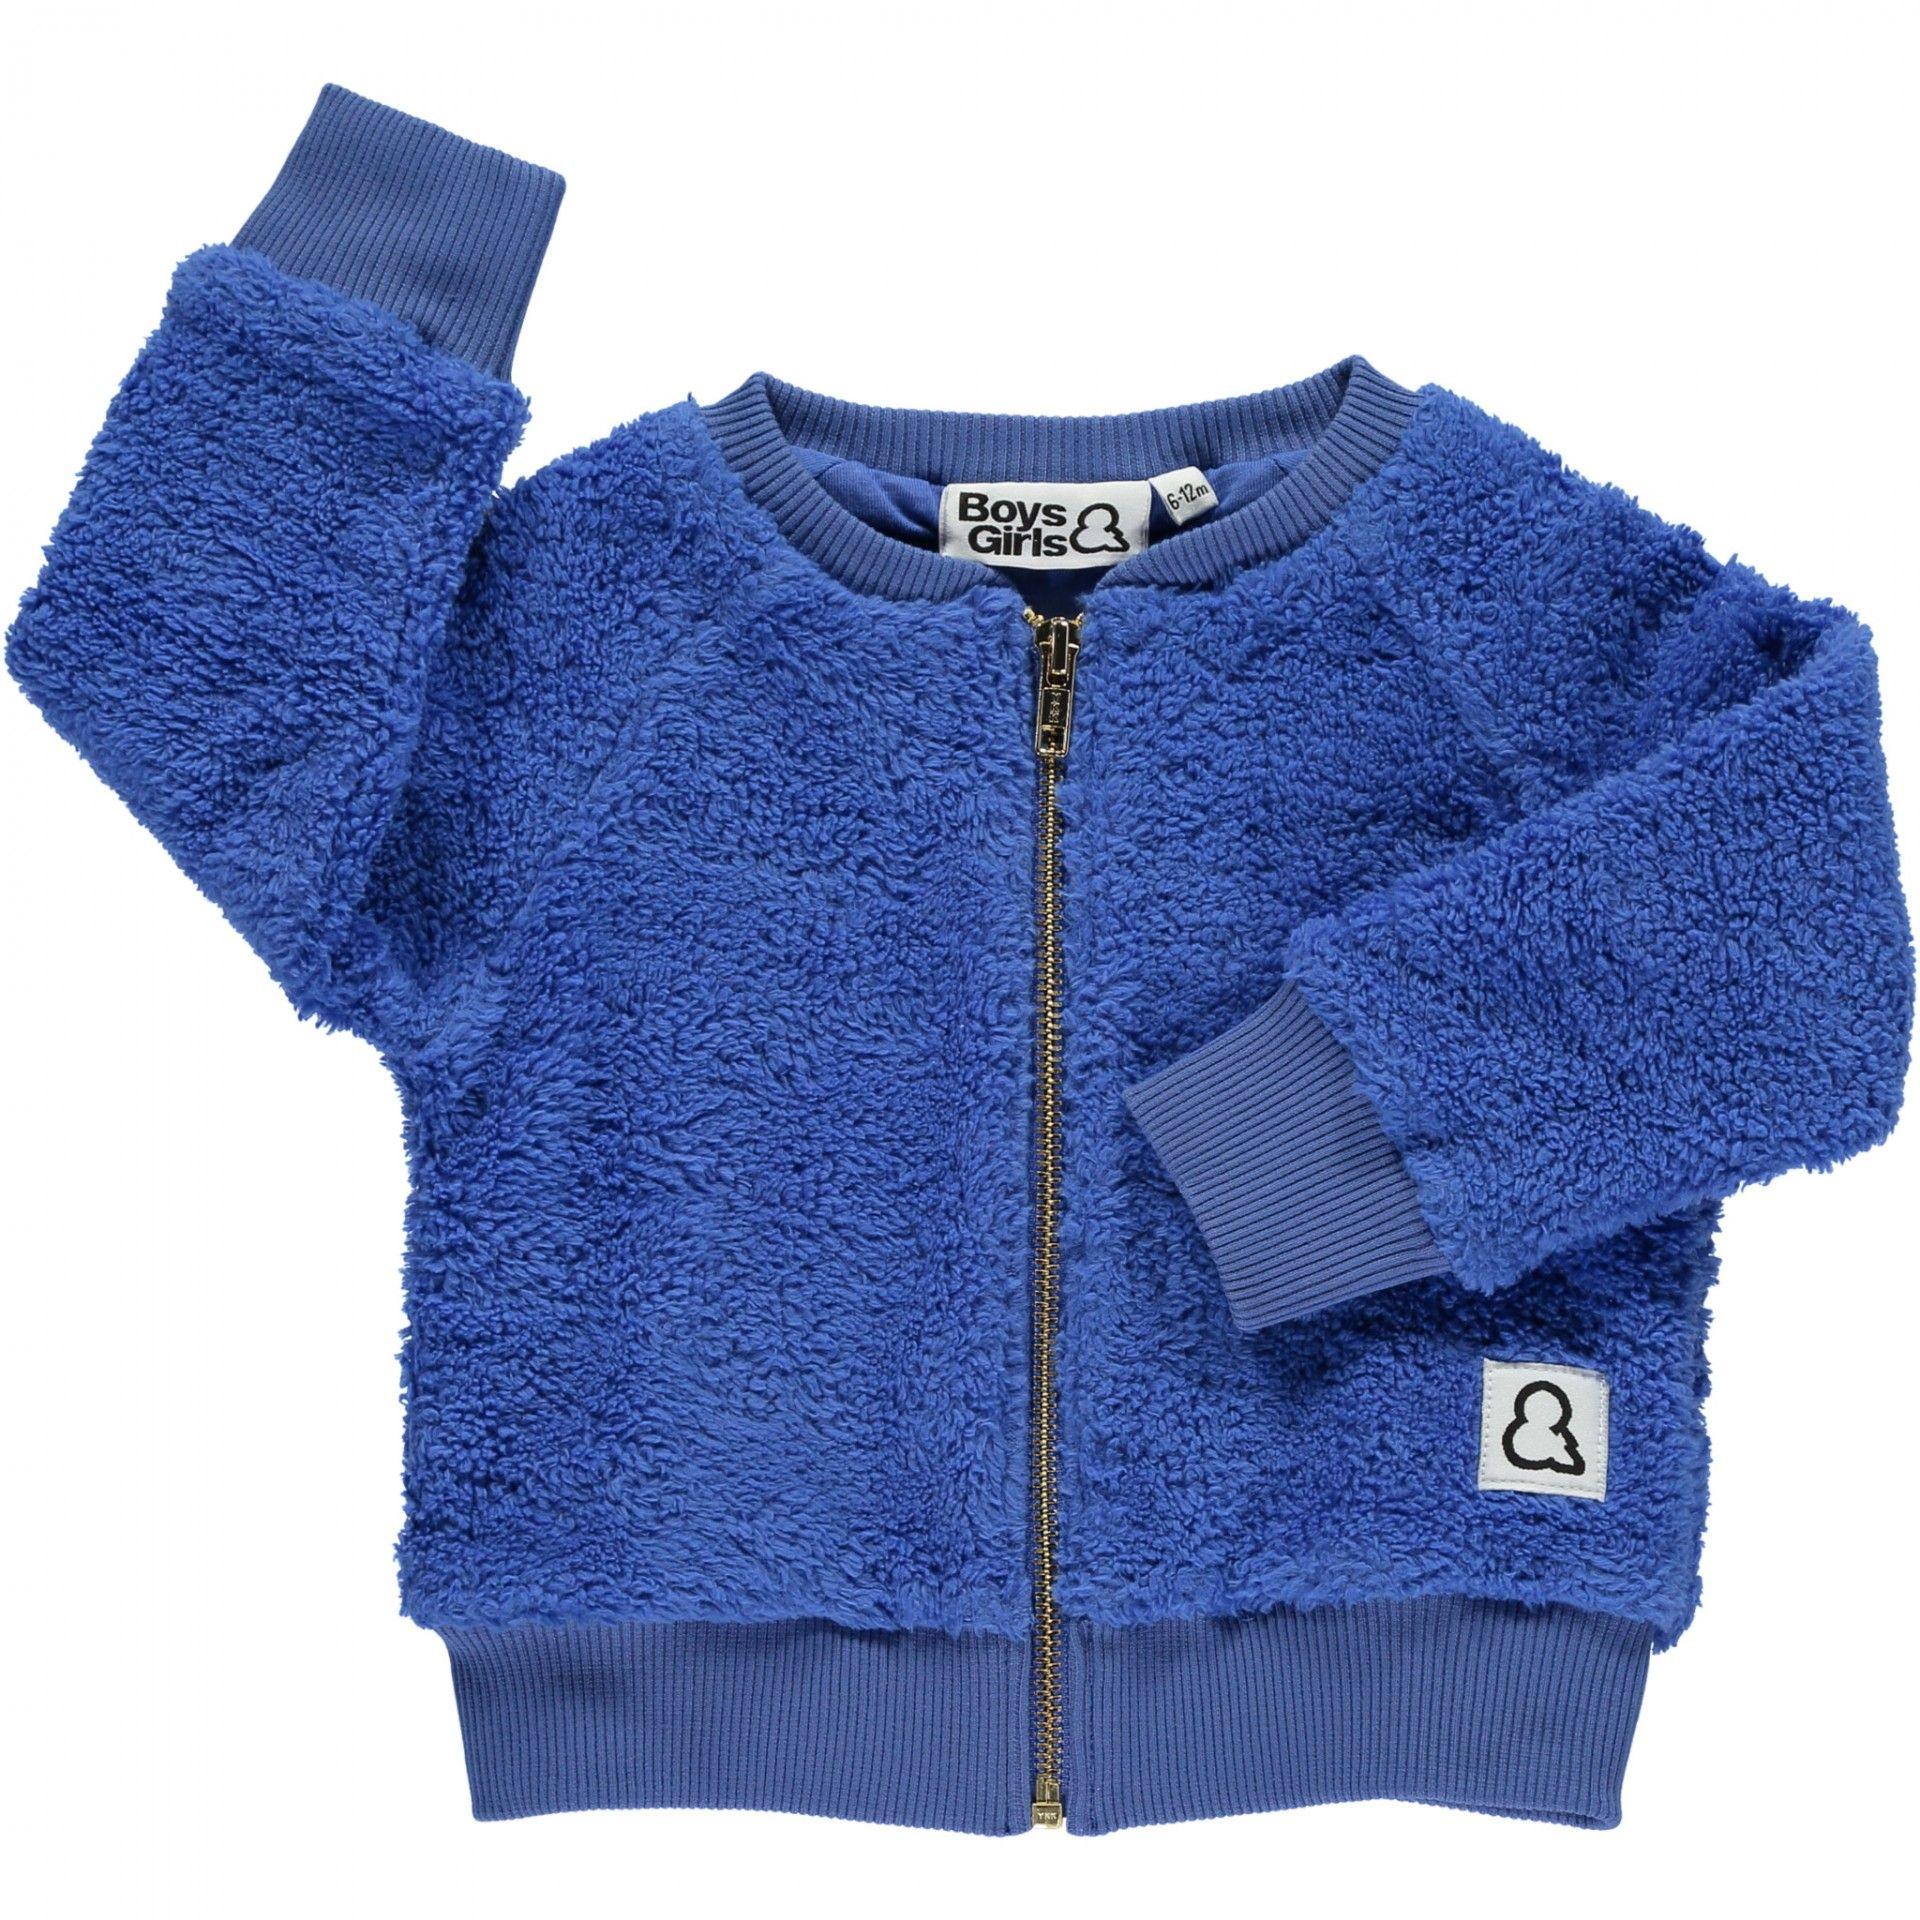 5ae60abecff Οργανική ζακέτα Boys & Girls - Sherpa   Boys&Girls - Παιδικά ρούχα ...